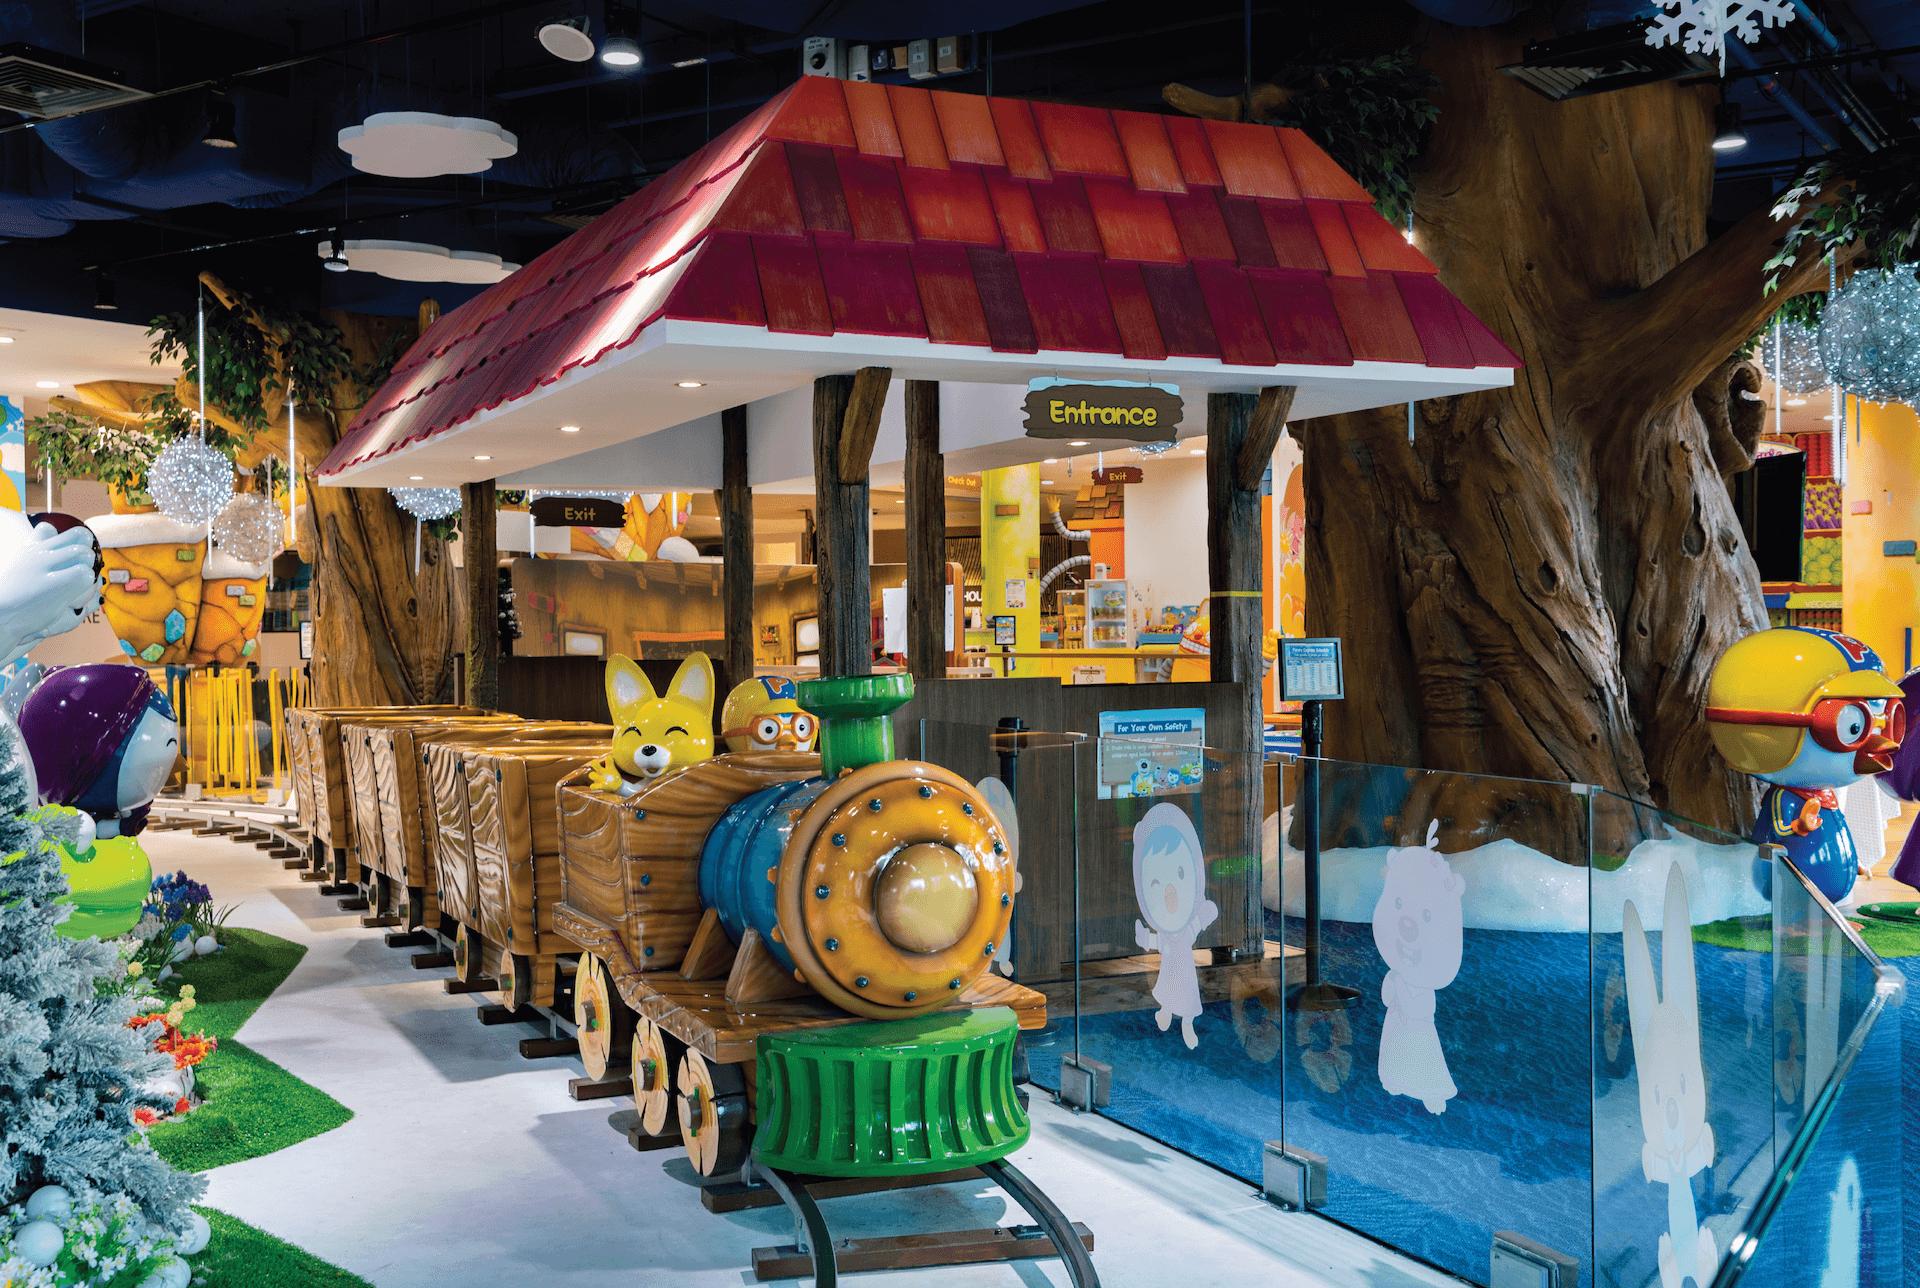 Pororo Express Train for Kids at Pororo Park Singapore